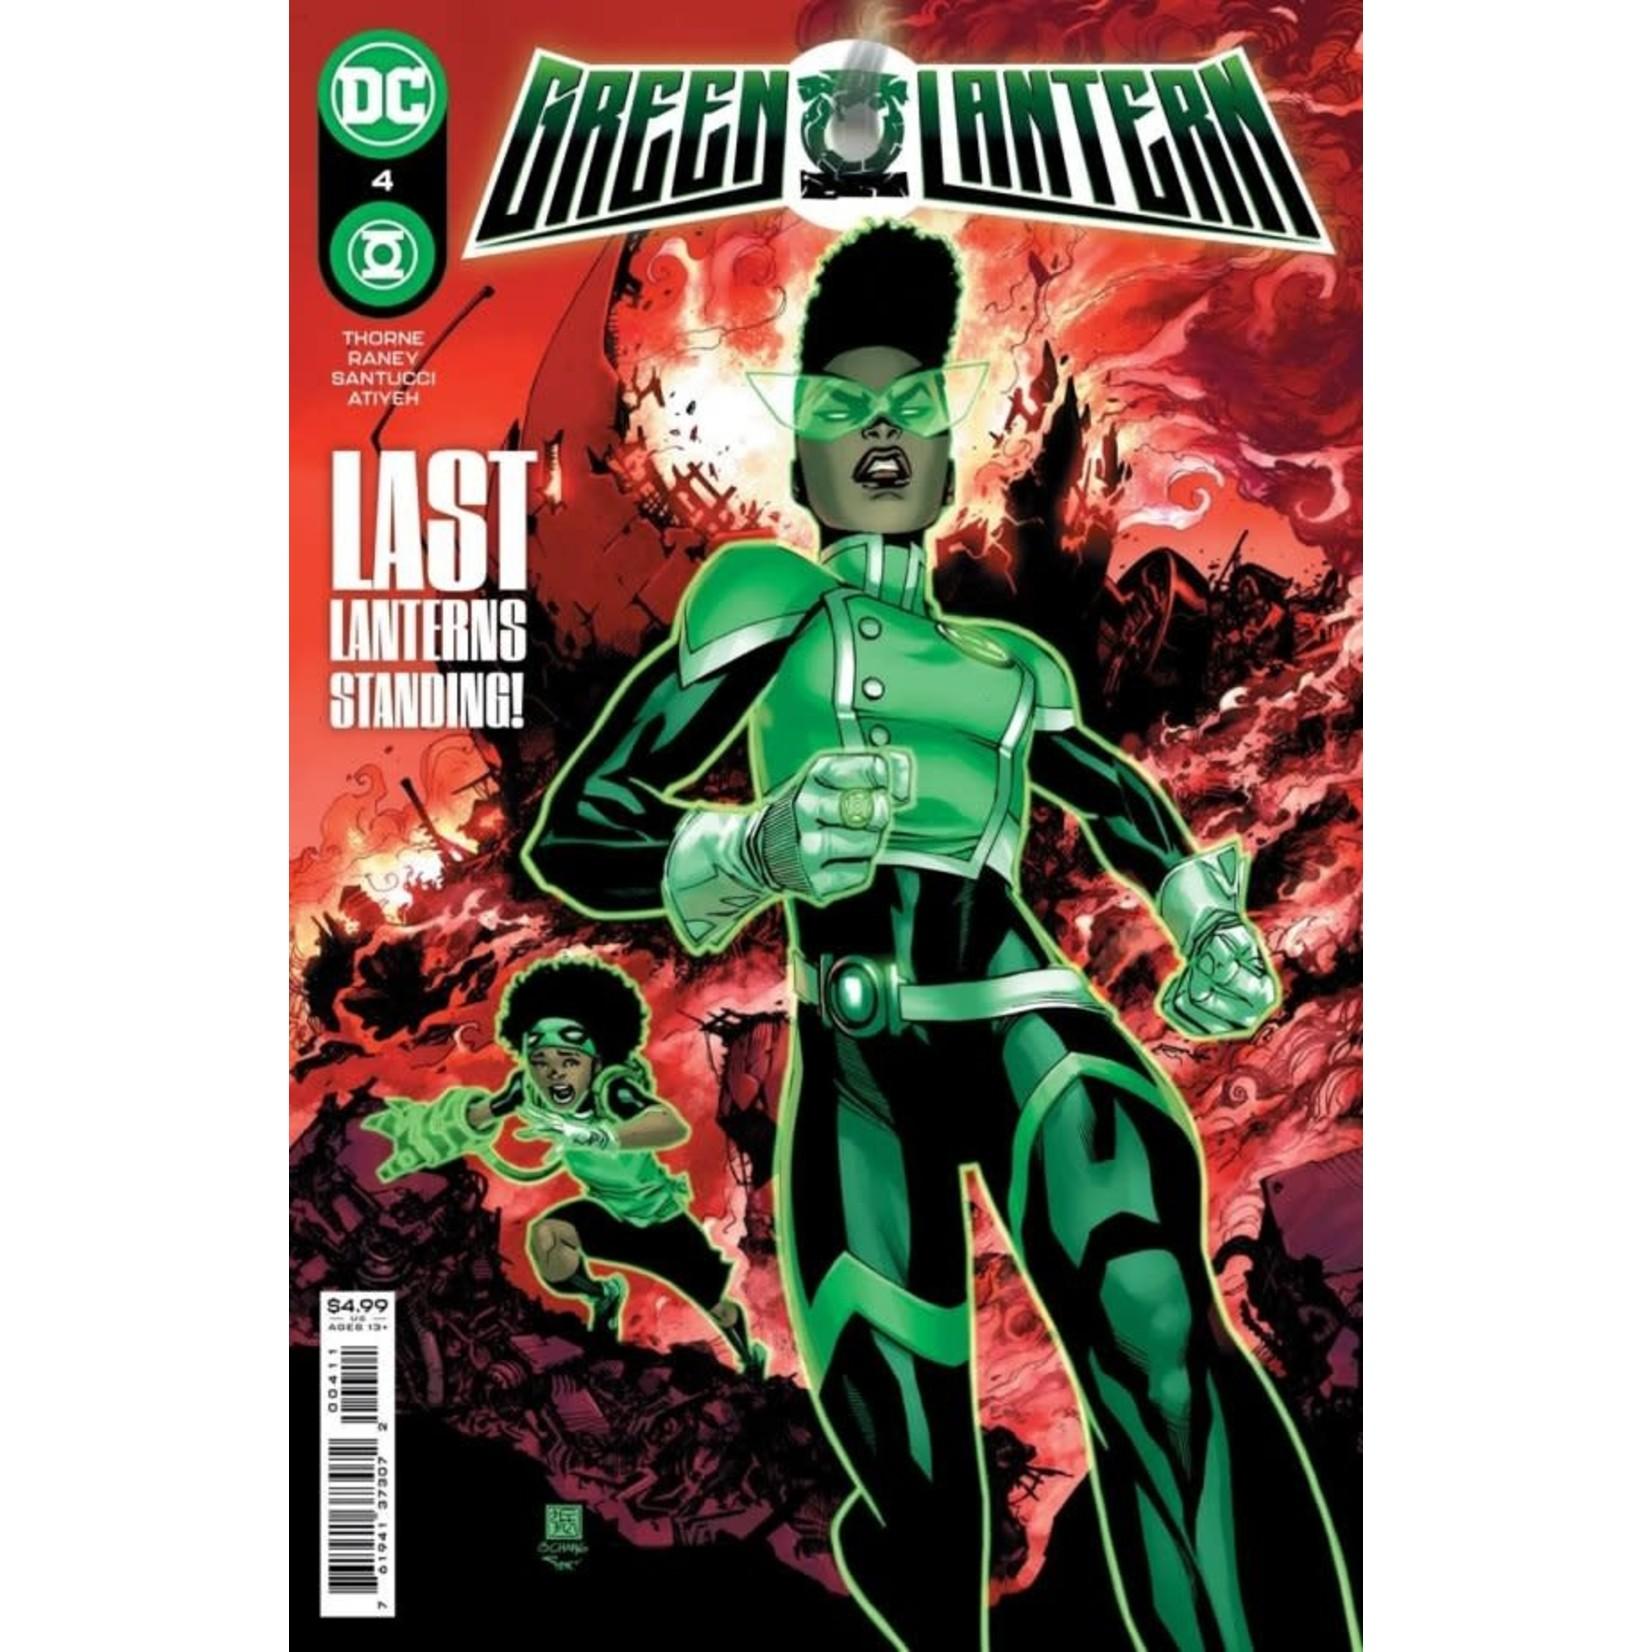 DC Comics Green Lantern #4